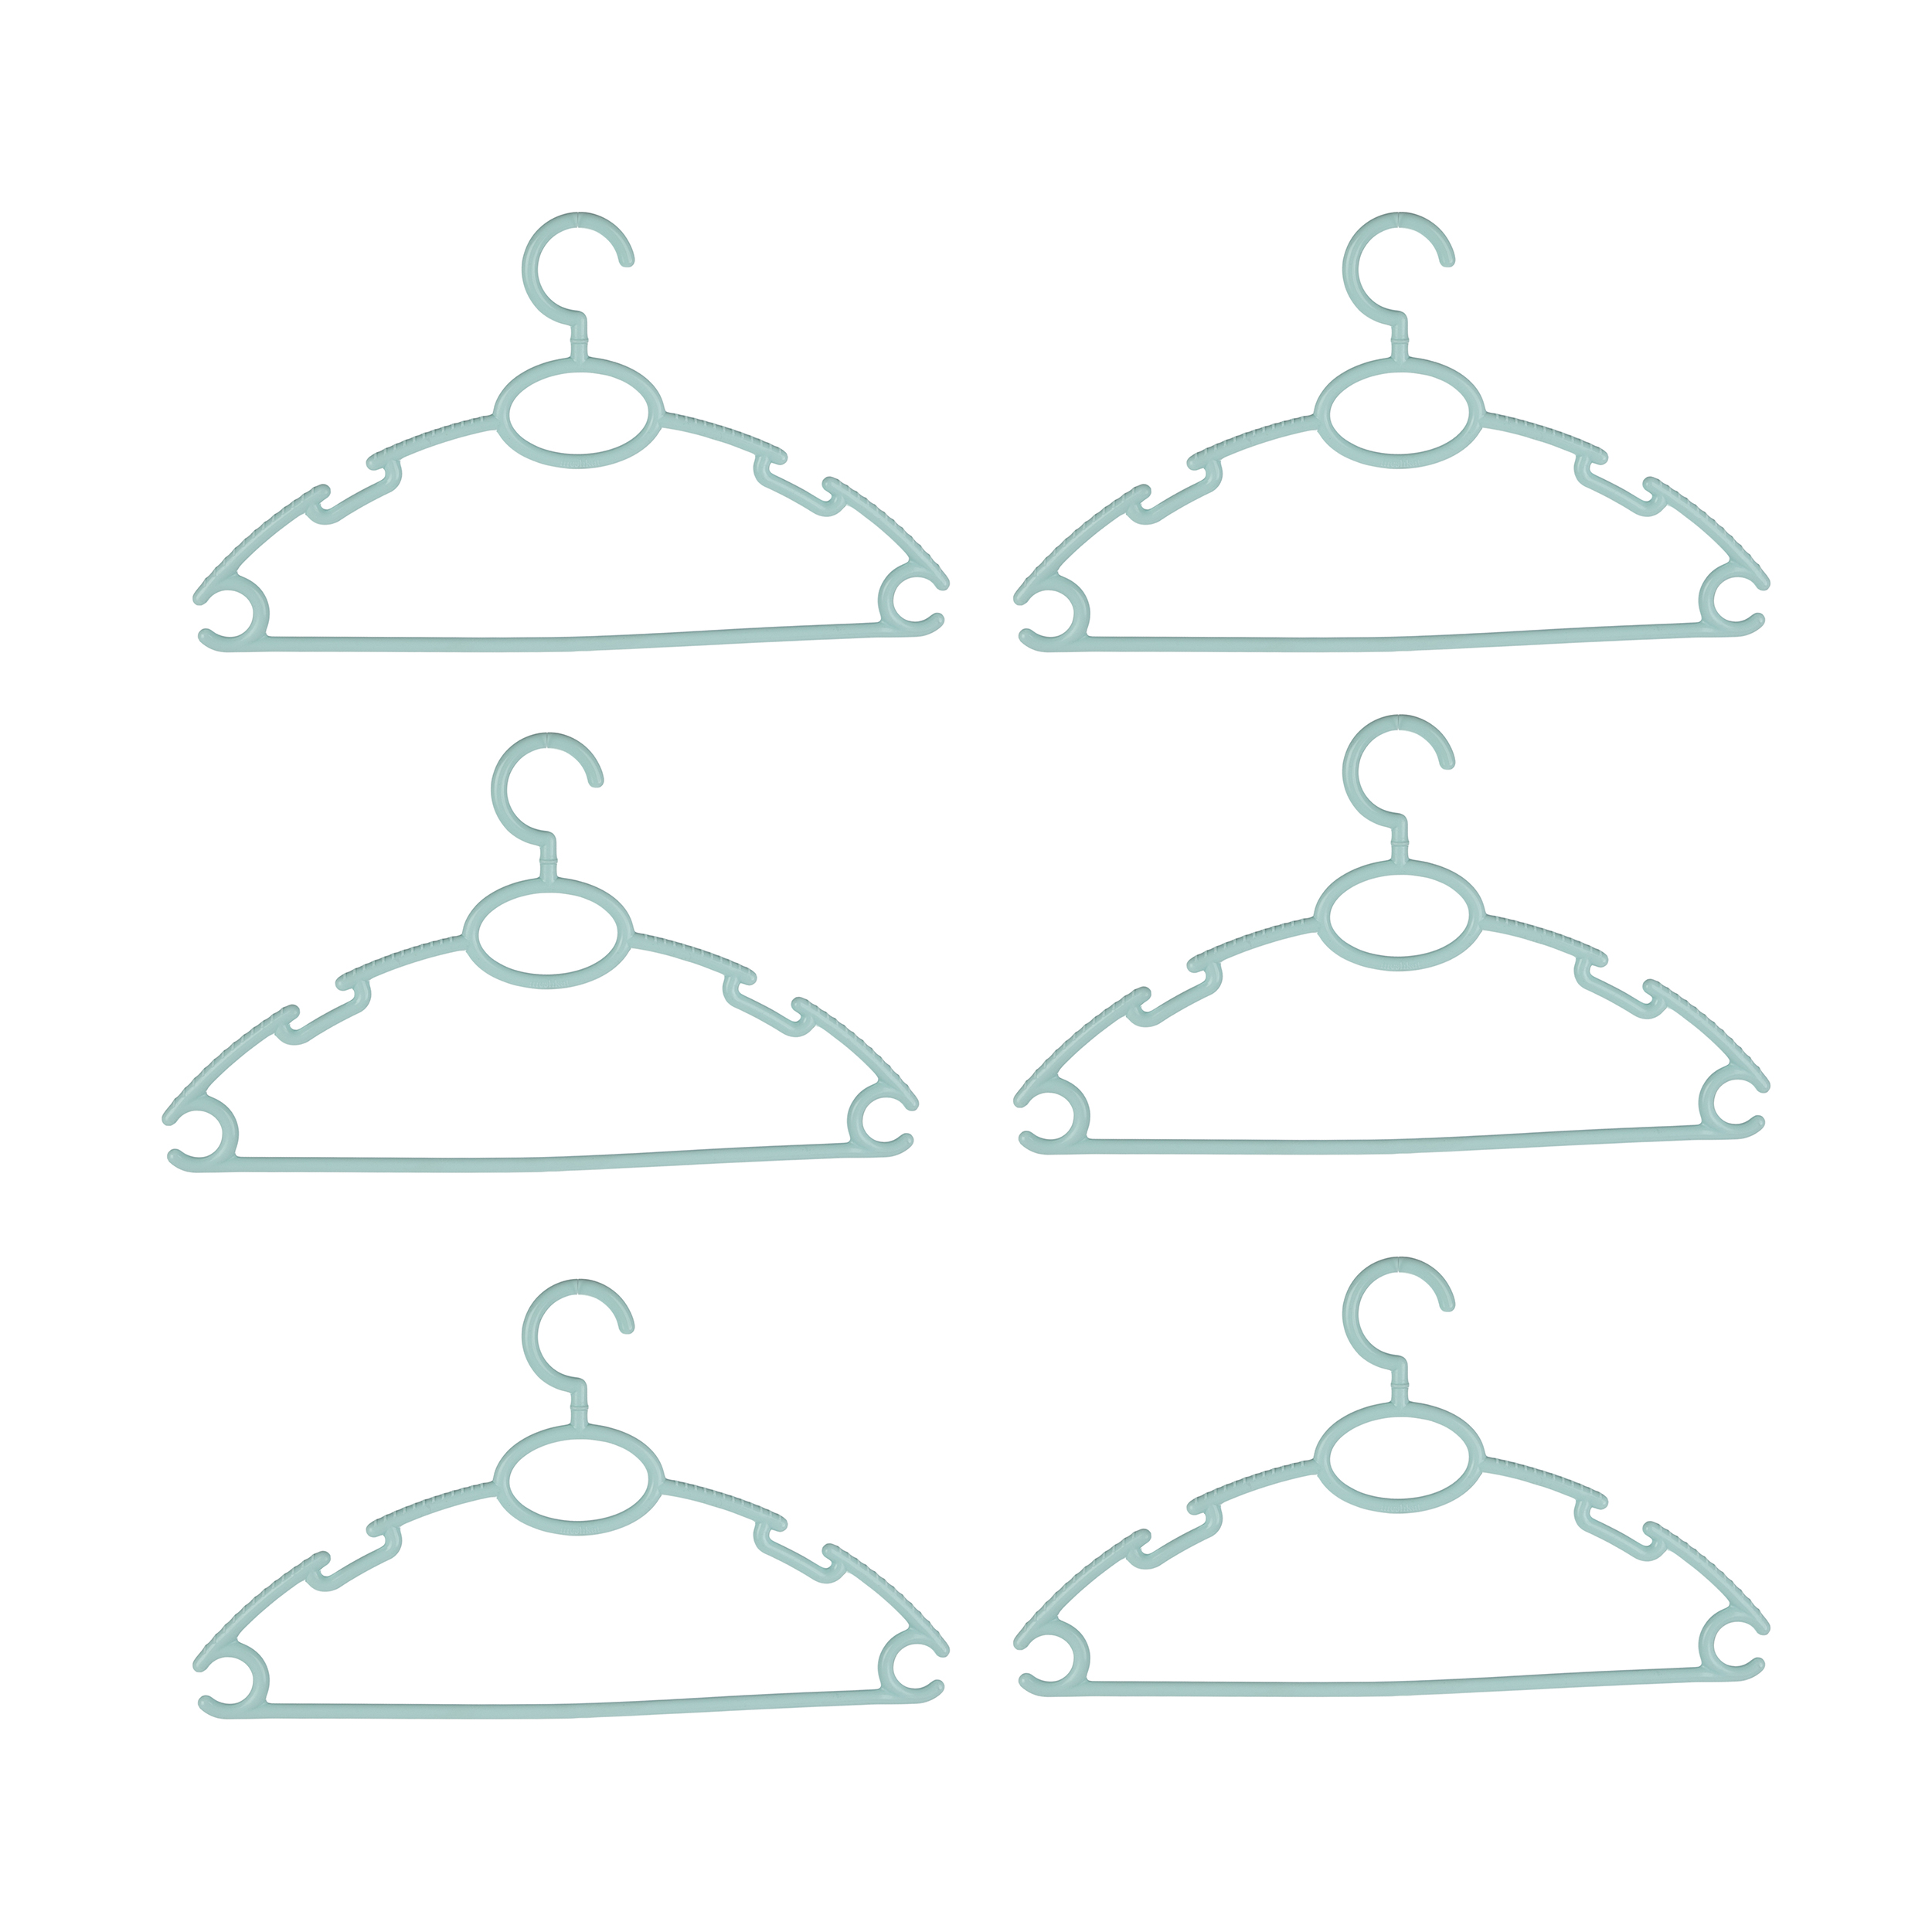 چوب لباسی مشکات کد 084 بسته 6 عددی